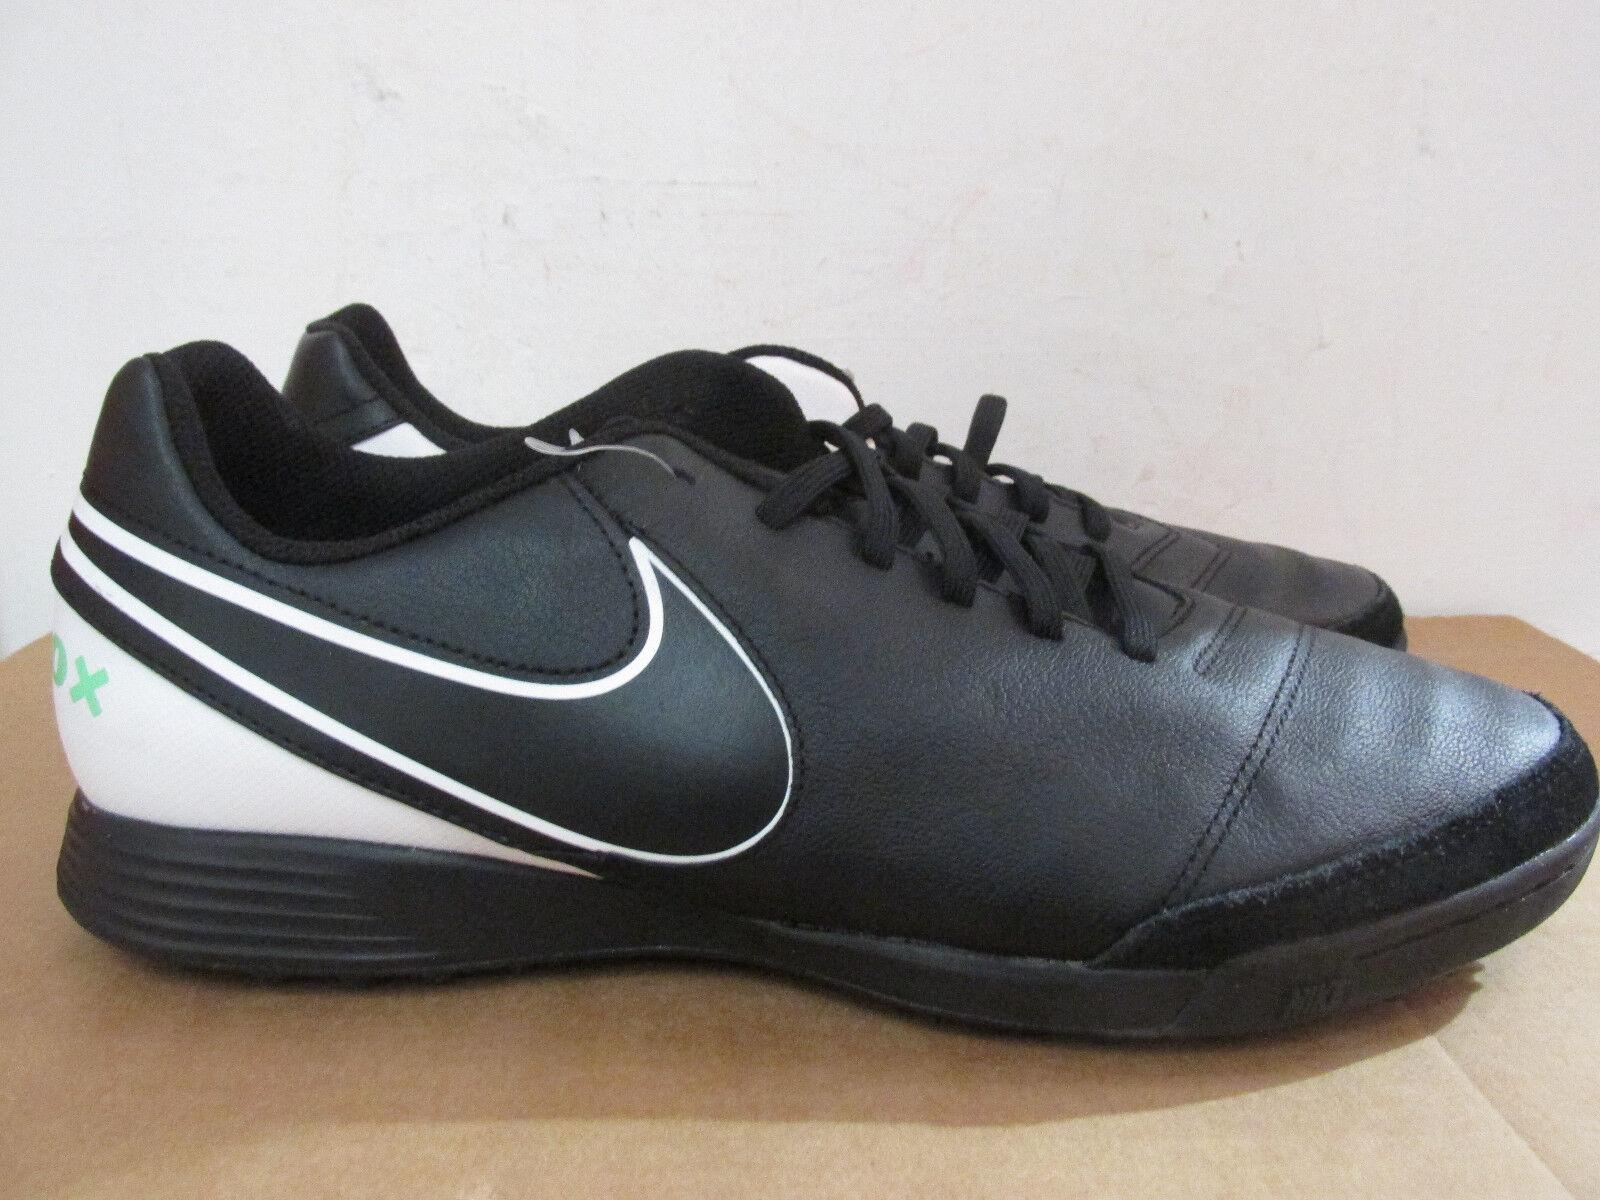 Nike Tiempox Genio II Cuir Tf Baskets 819216 002 Chaussures de Foot Échantillon